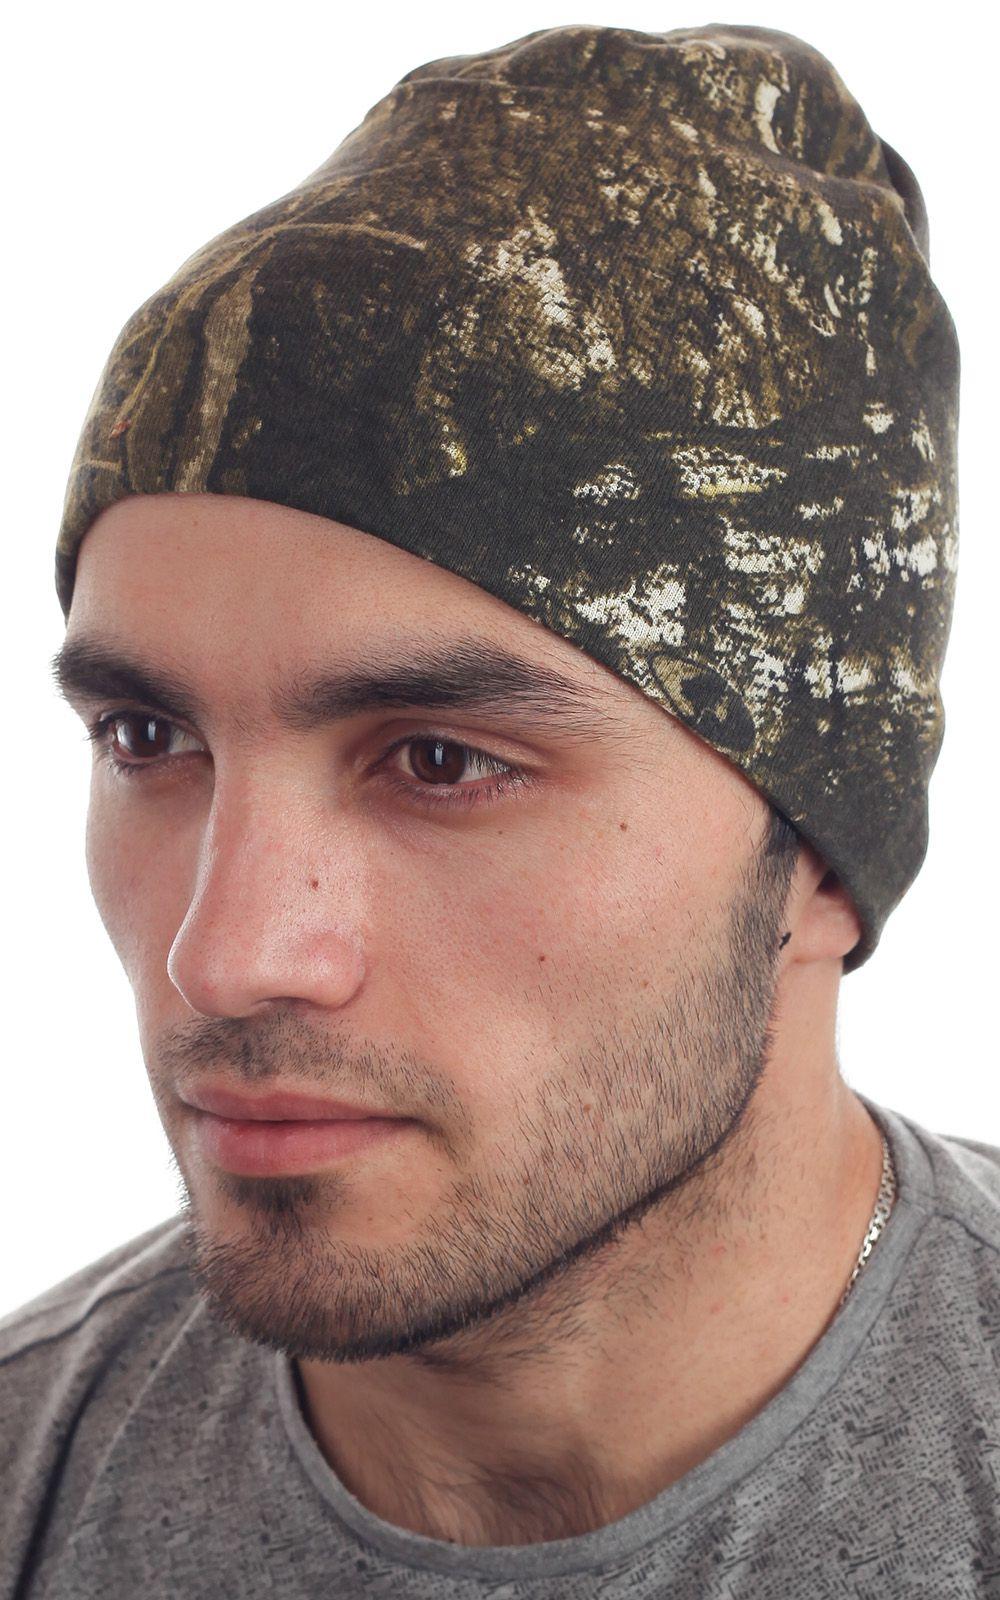 Стильная вязаная мужская шапочка из камуфляжа Realtree - вид сбоку